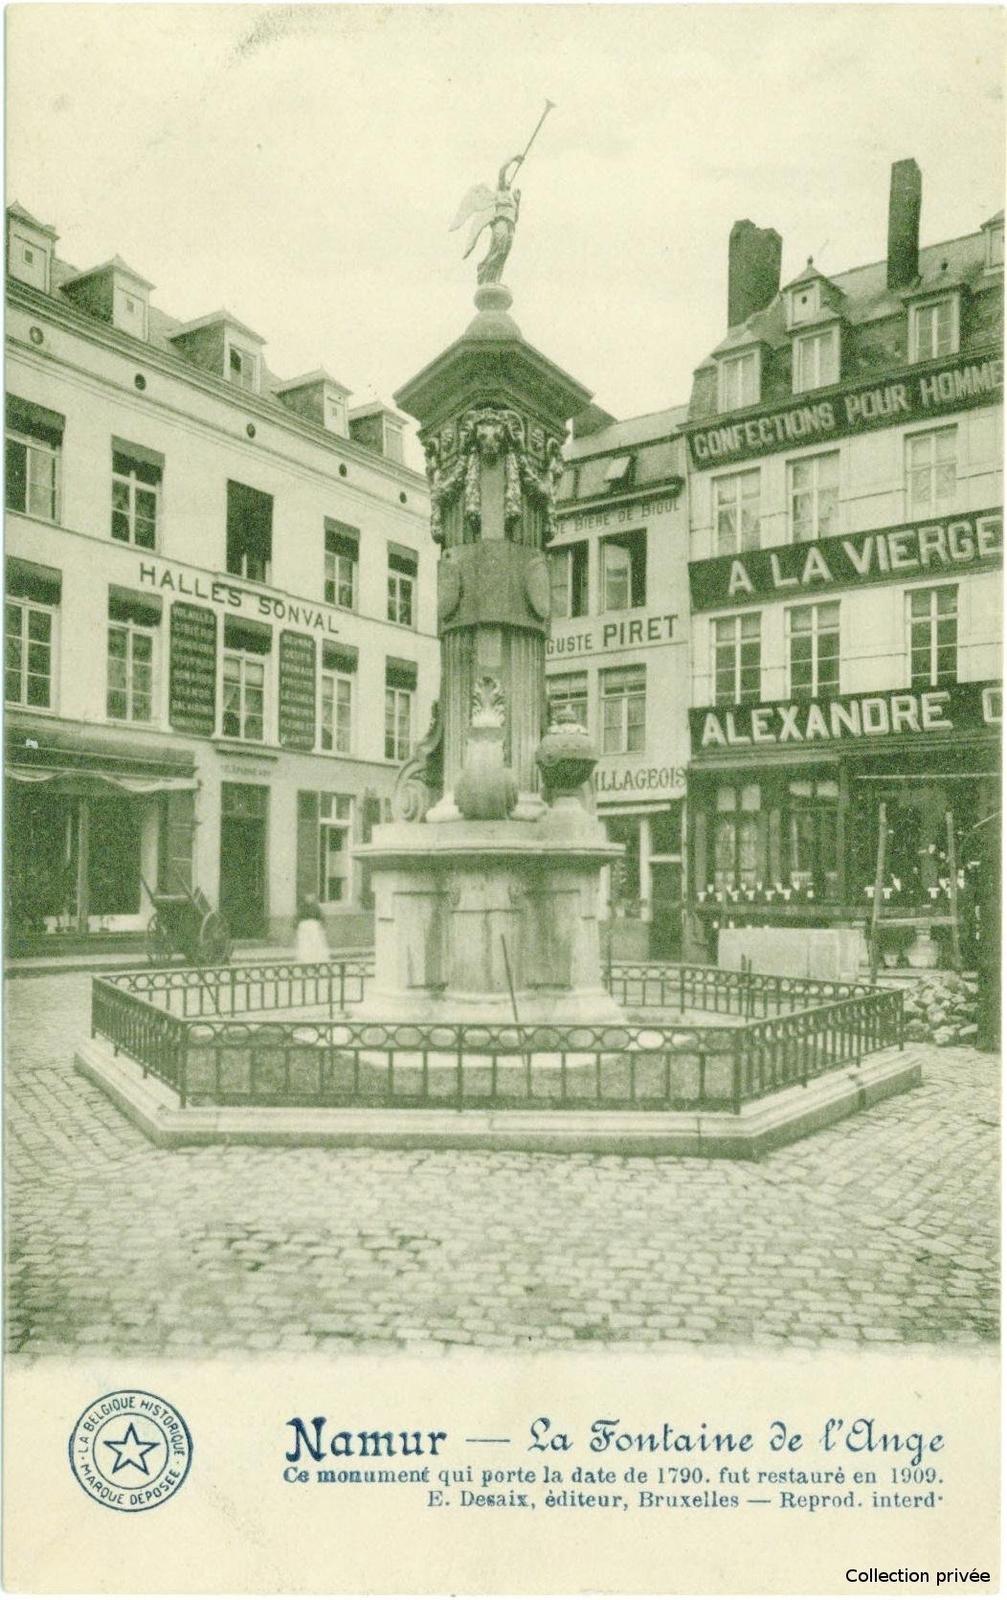 fontaine - Recherche de cartes postales - Geneanet